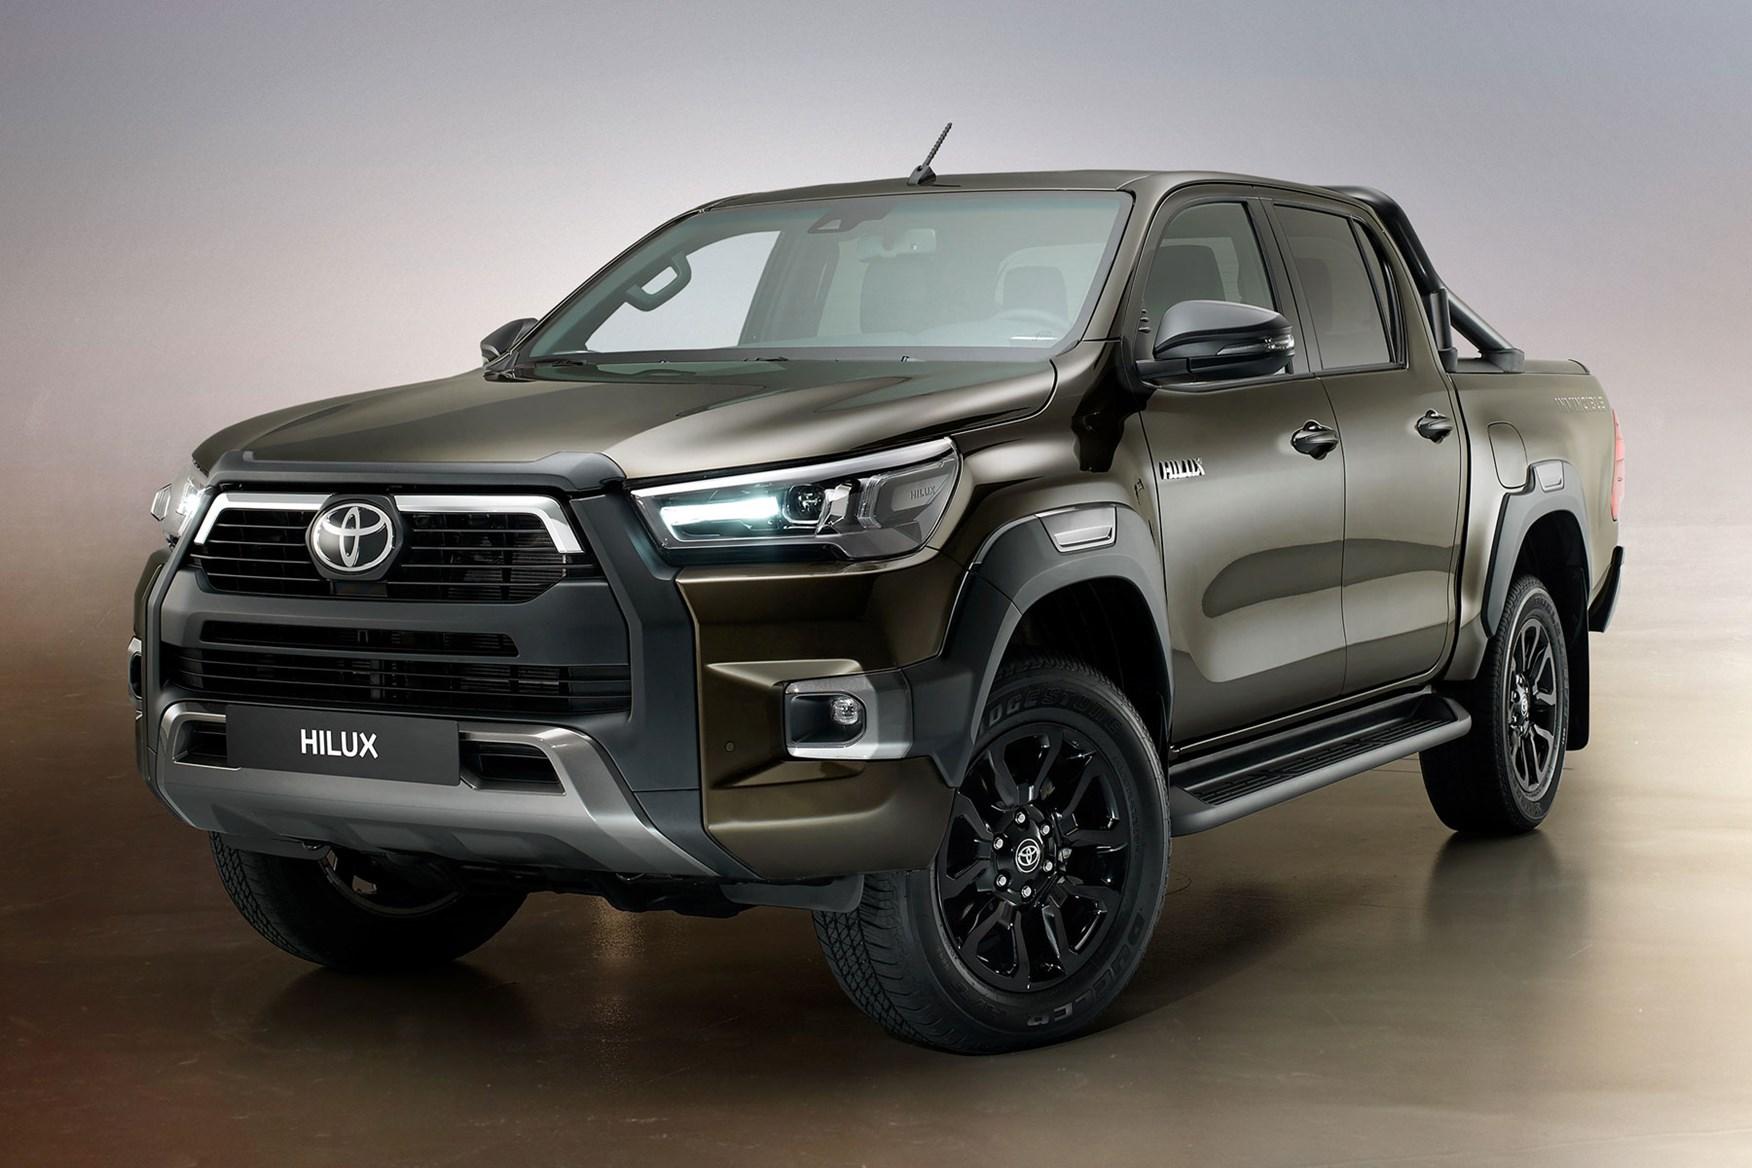 2020 Toyota Hilux facelift - Titan Bronze metallic